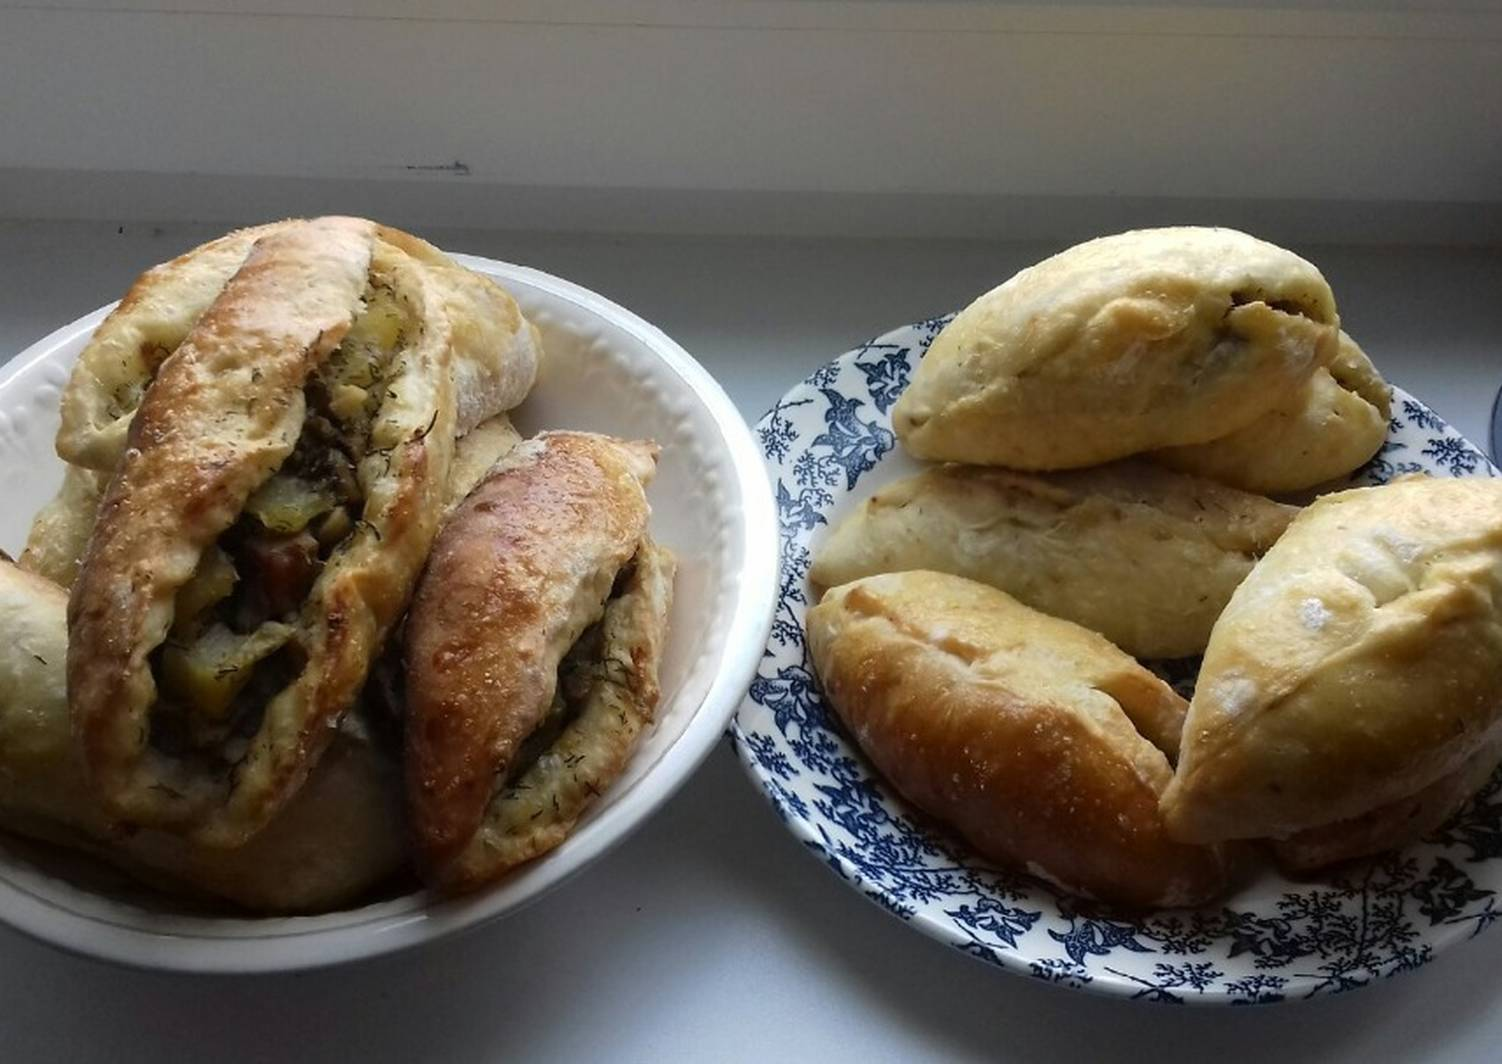 Пирожки с грибами, луком и яйцом в духовке рецепт с фото - 1000.menu